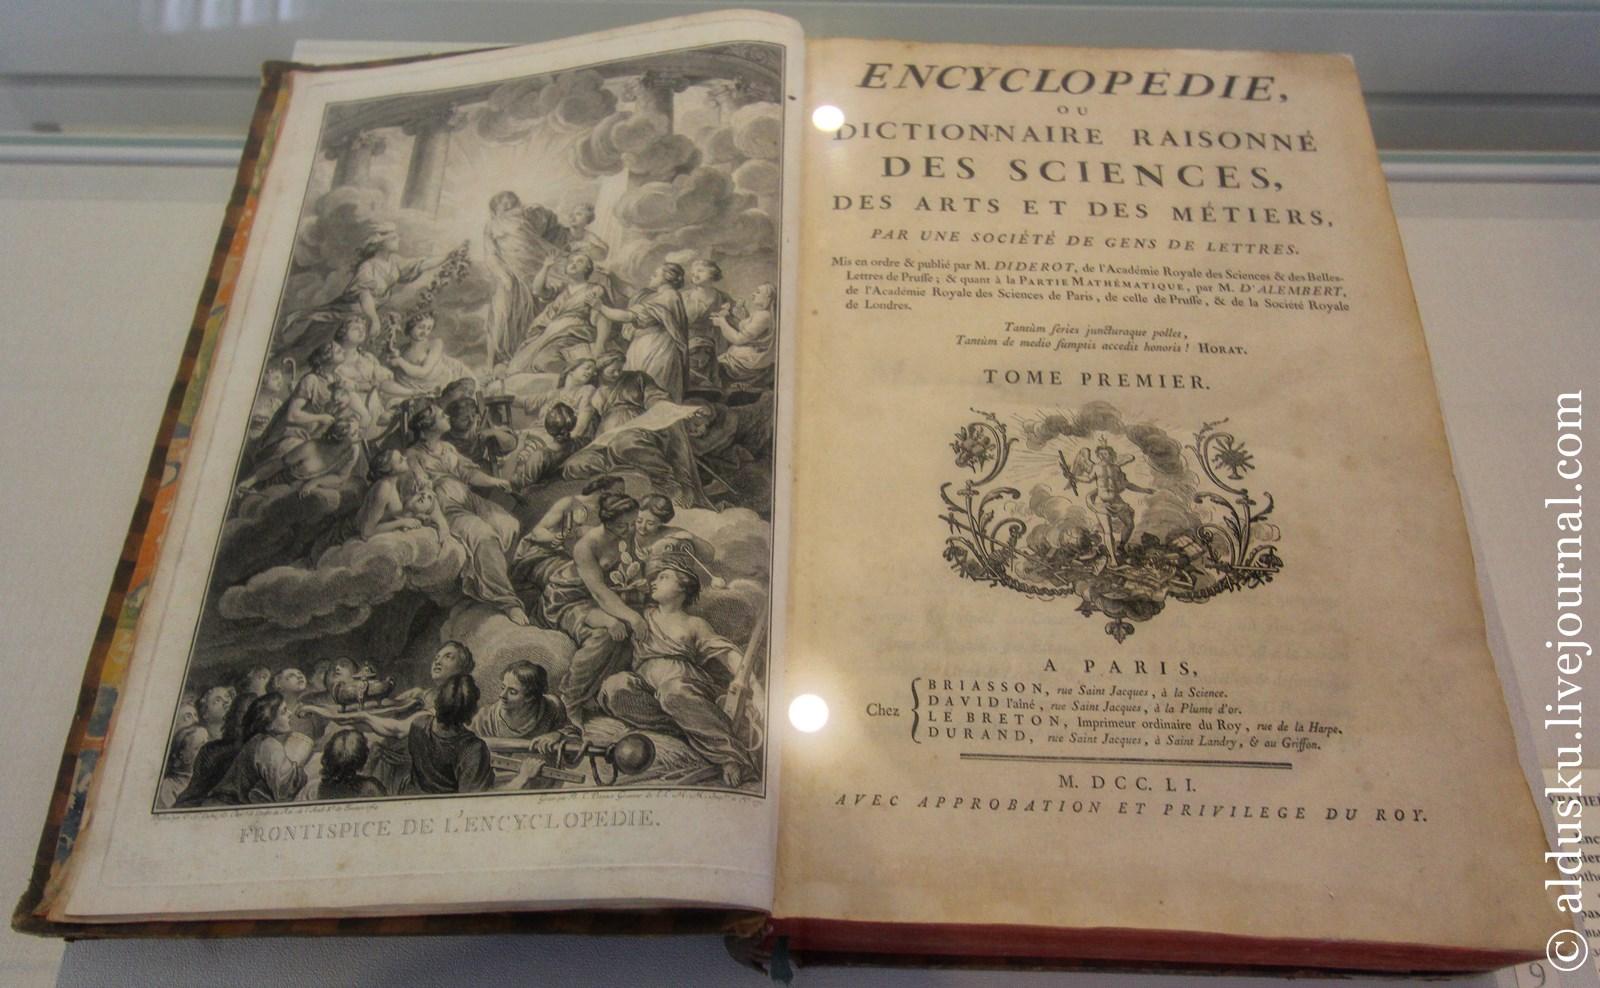 Encyclopedie ou dictionnaire raisonne des sciences, des arts et des metiers... Mis en ordre et publie par M. Diderot; et quant a la partie mathematique, par M. D'Alembert. T. I Paris, 1751